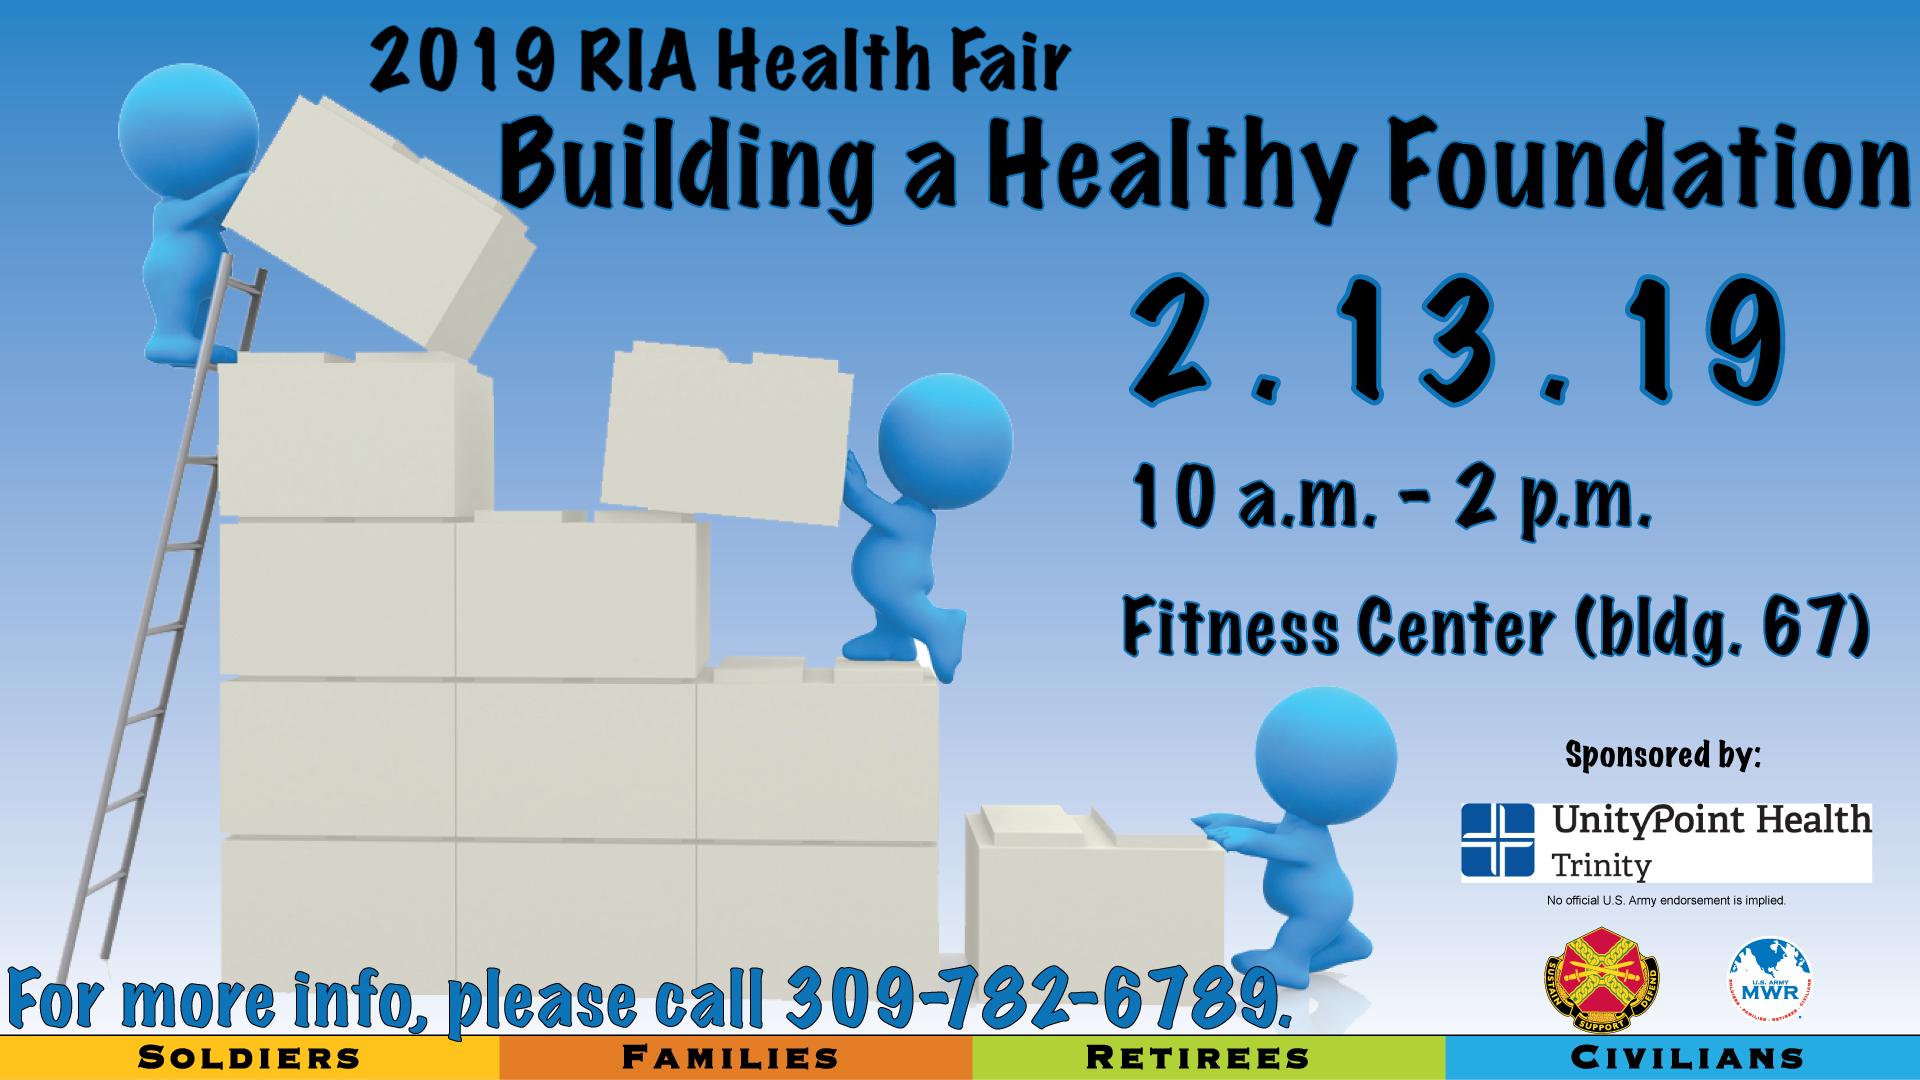 RIA Health Fair